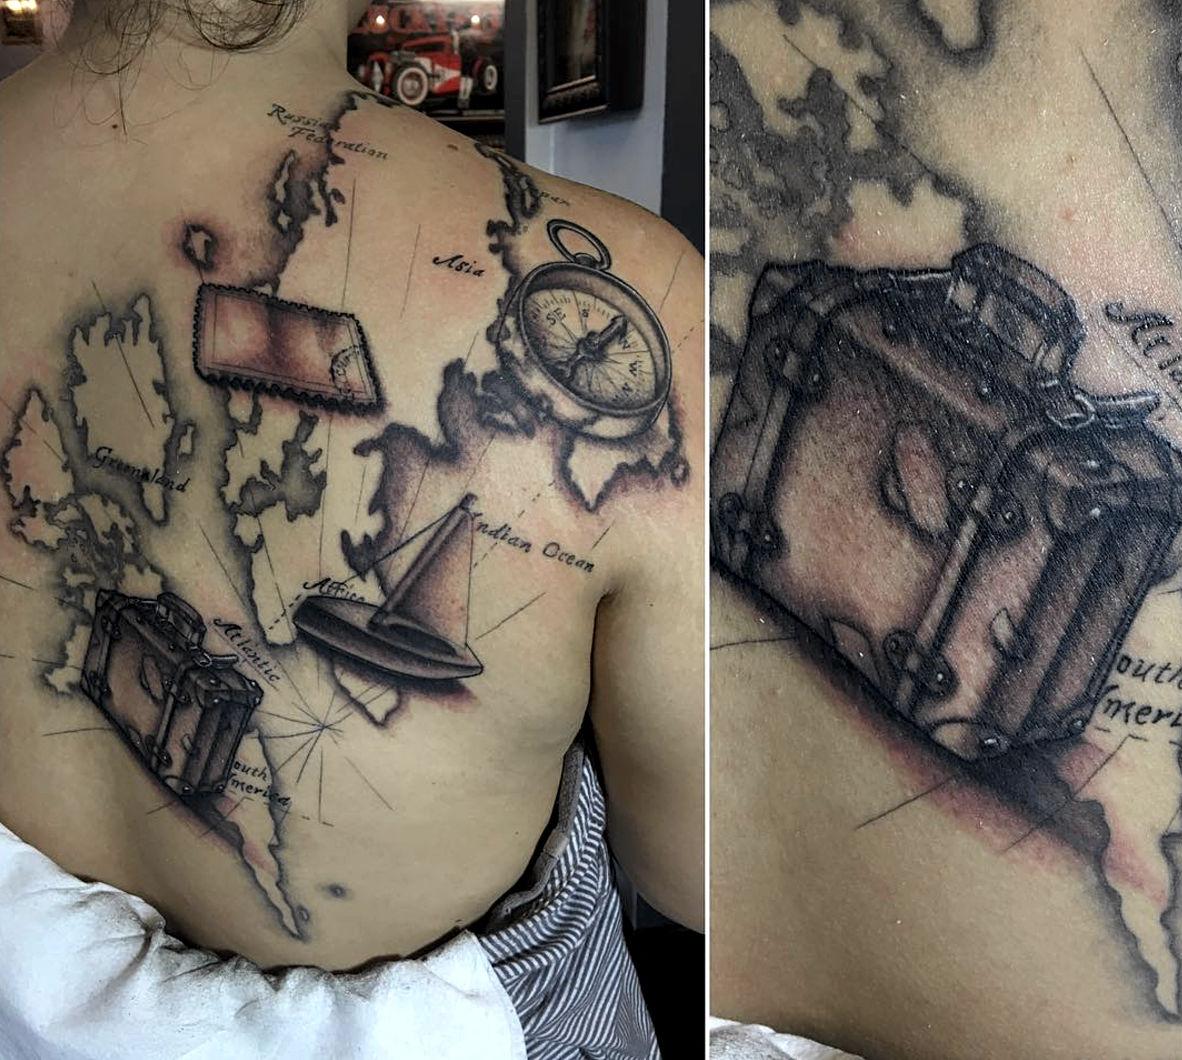 Florida Map Tattoos.Florida Map Tattoos Www Topsimages Com